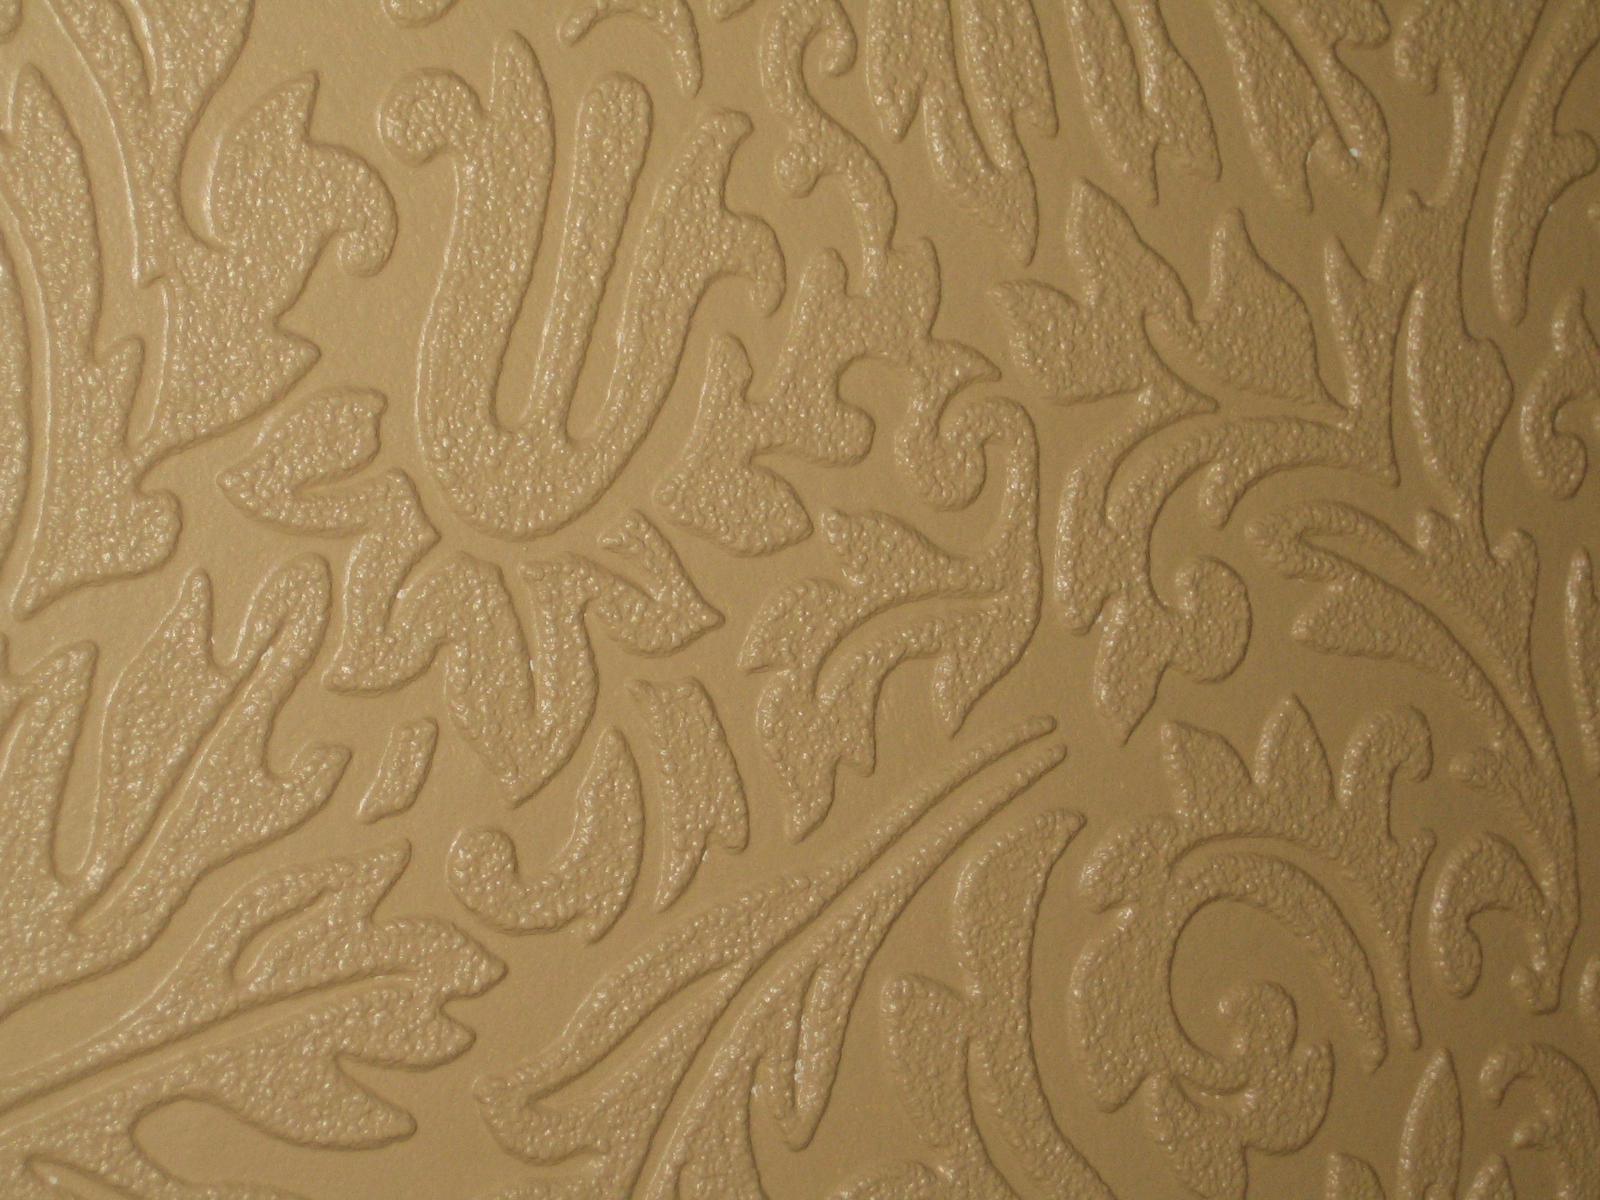 http://1.bp.blogspot.com/_wkYnWDvoFCk/TNQmL1EAZZI/AAAAAAAAALM/DRQ3QllXxBM/s1600/Post+wallpaper+&+guest+room+011.JPG